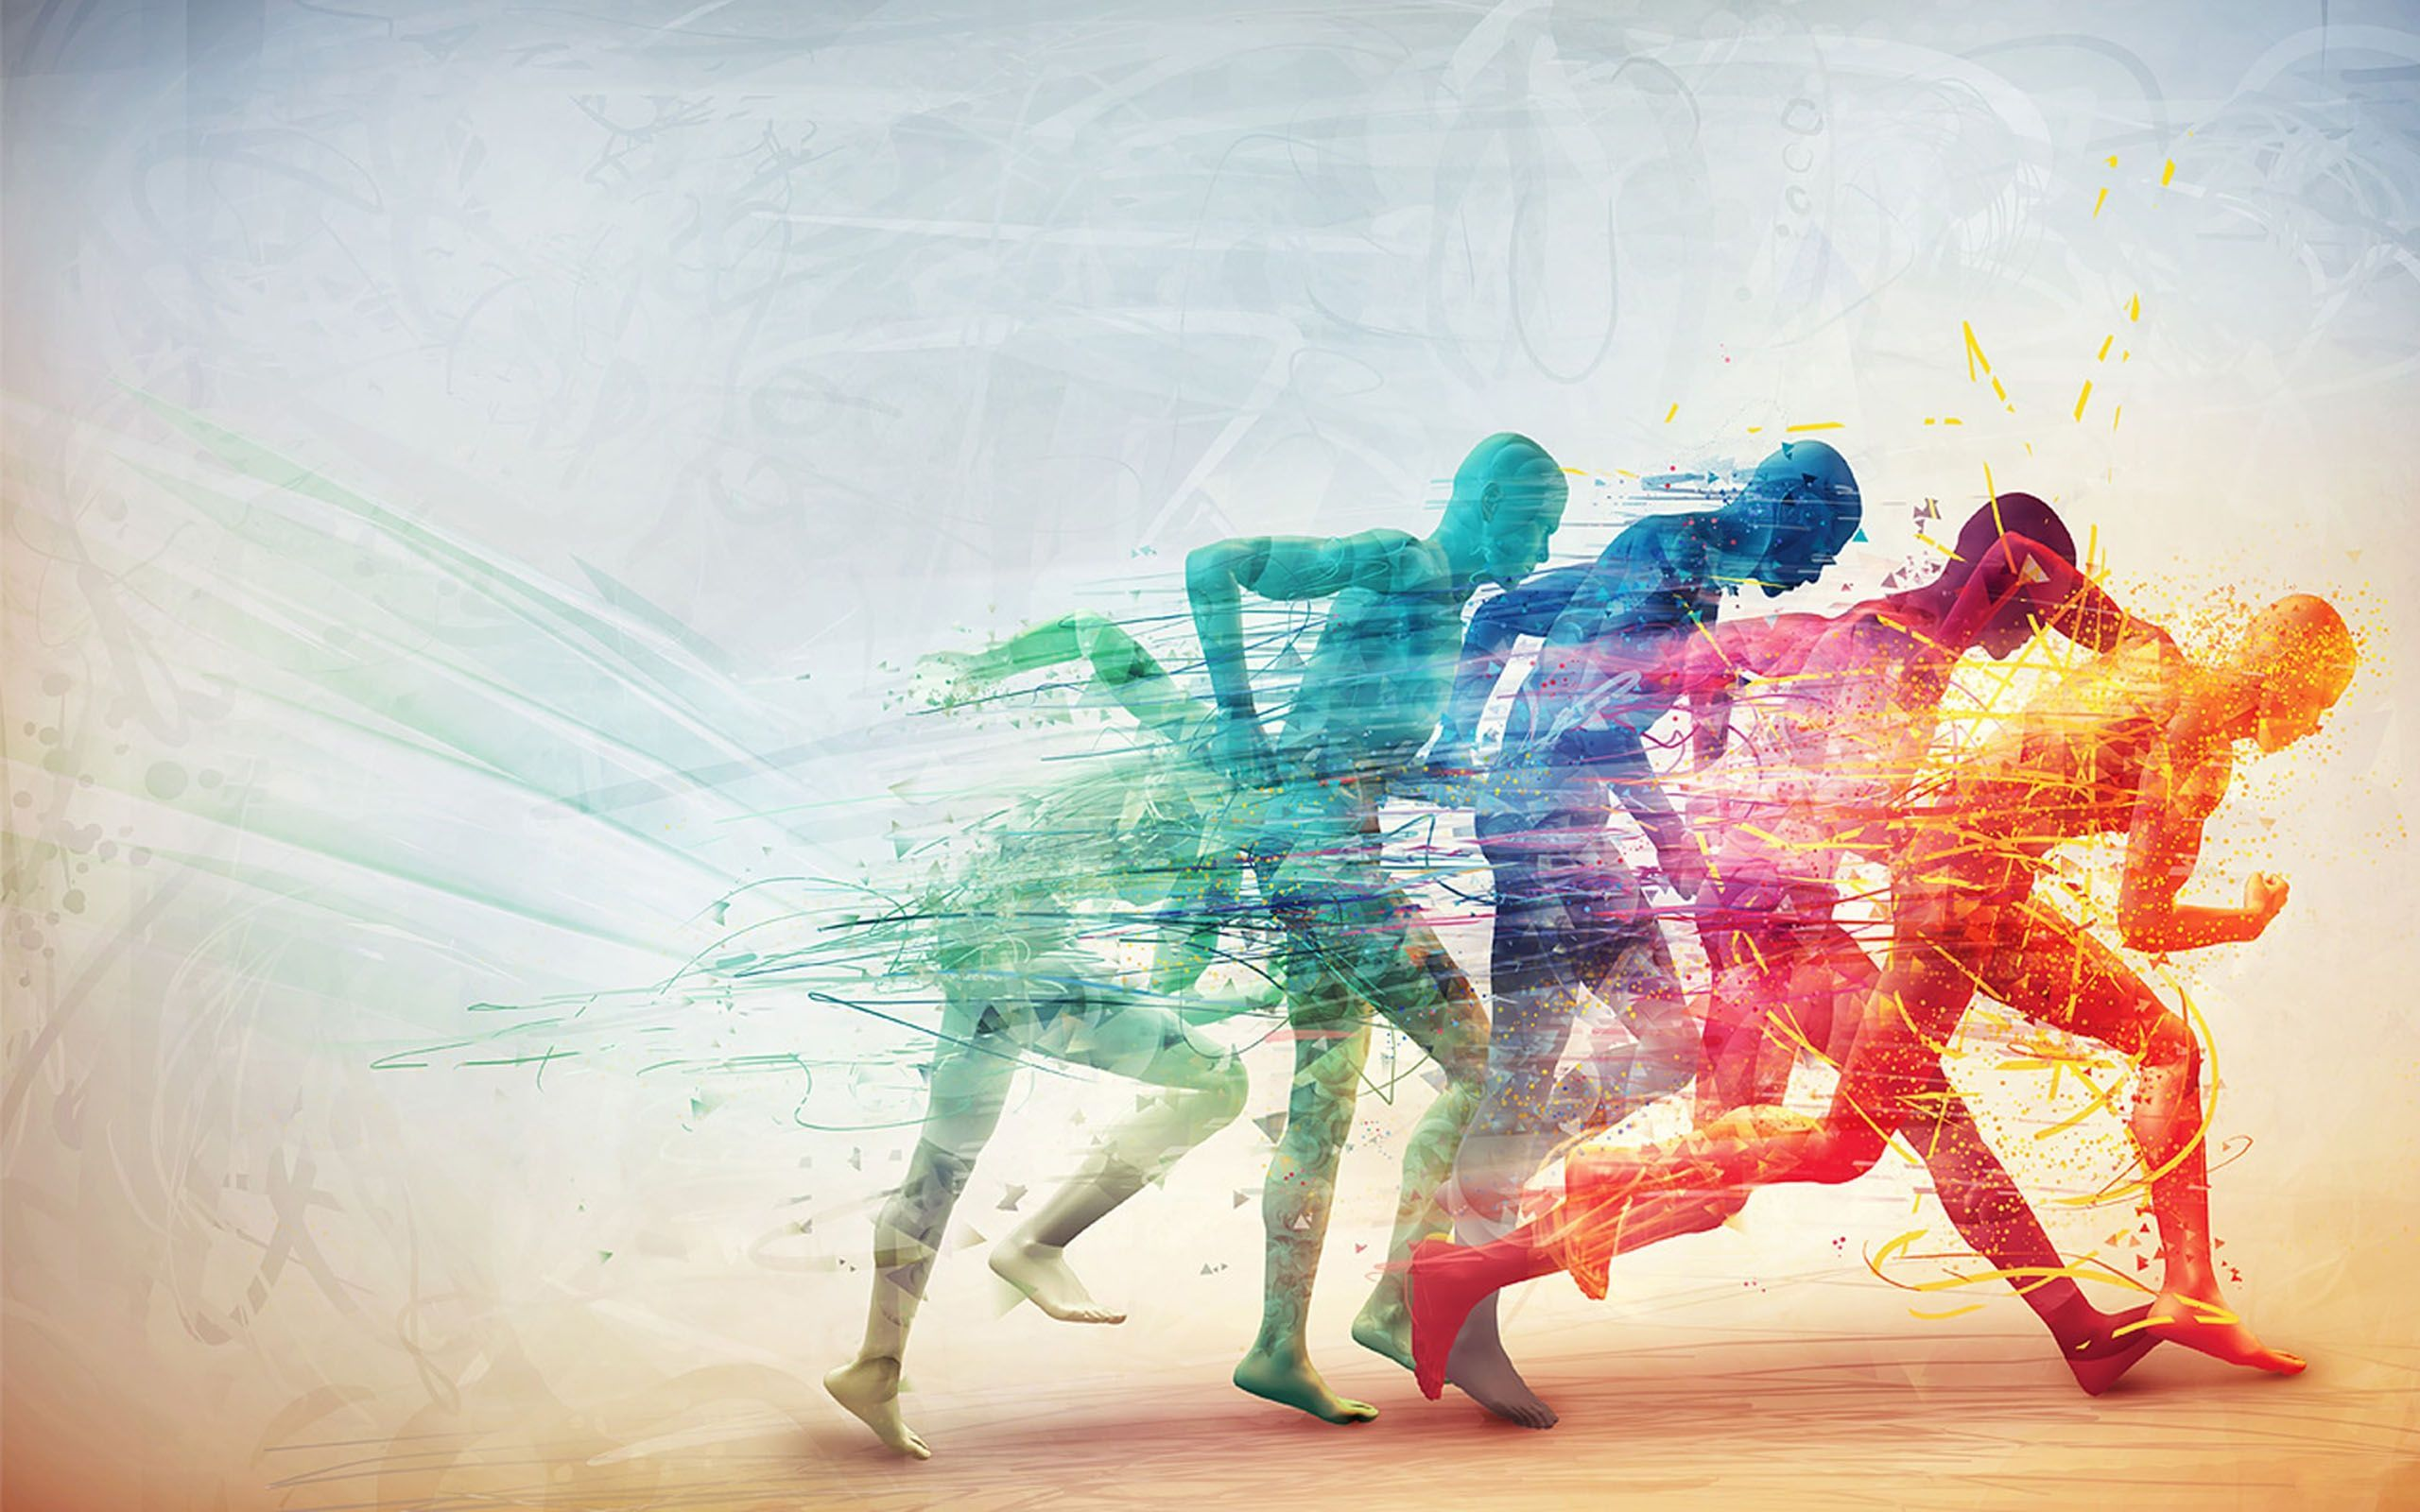 Running Wallpapers   Top Running Backgrounds   WallpaperAccess 2560x1600